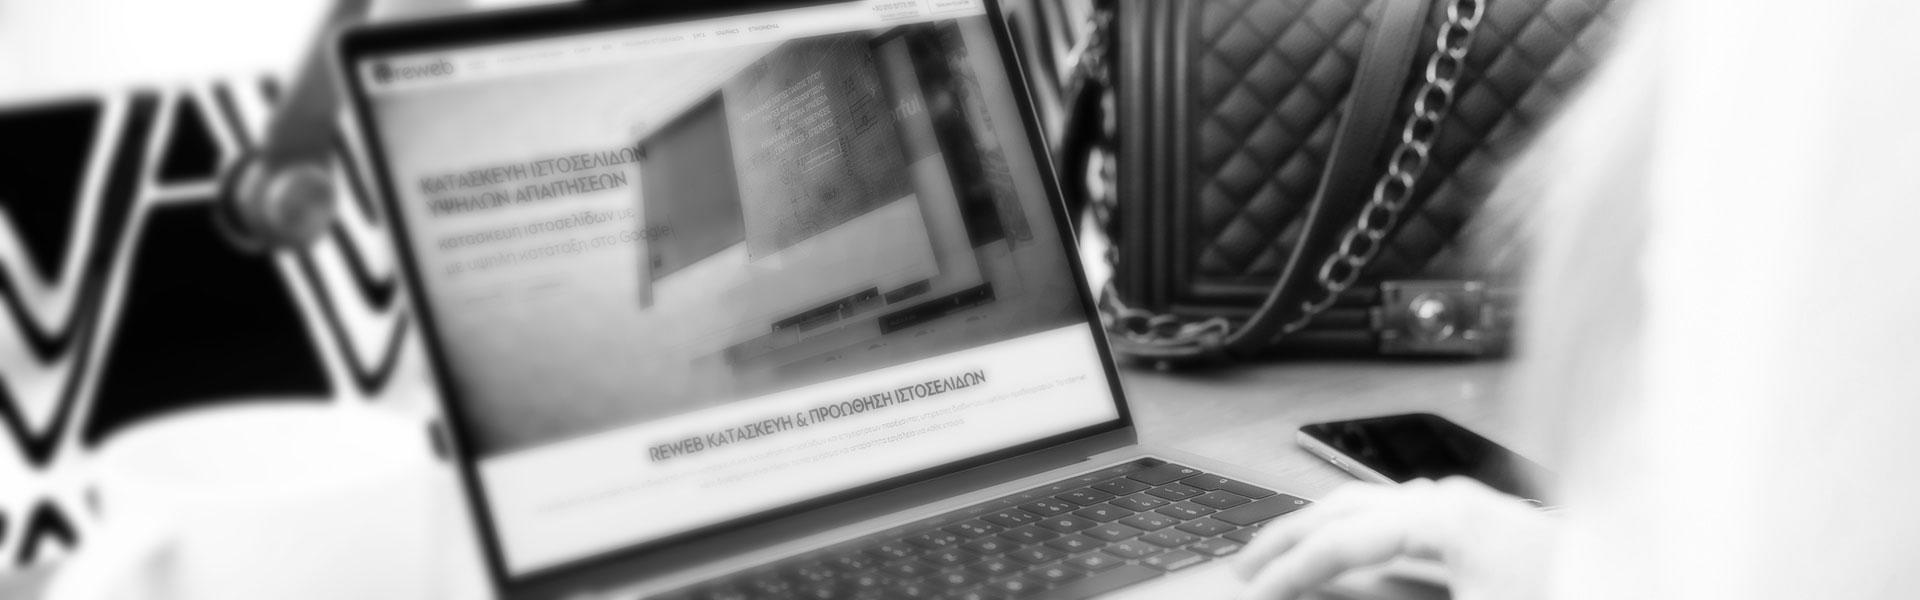 background έργα κατασκευής ιστοσελίδας